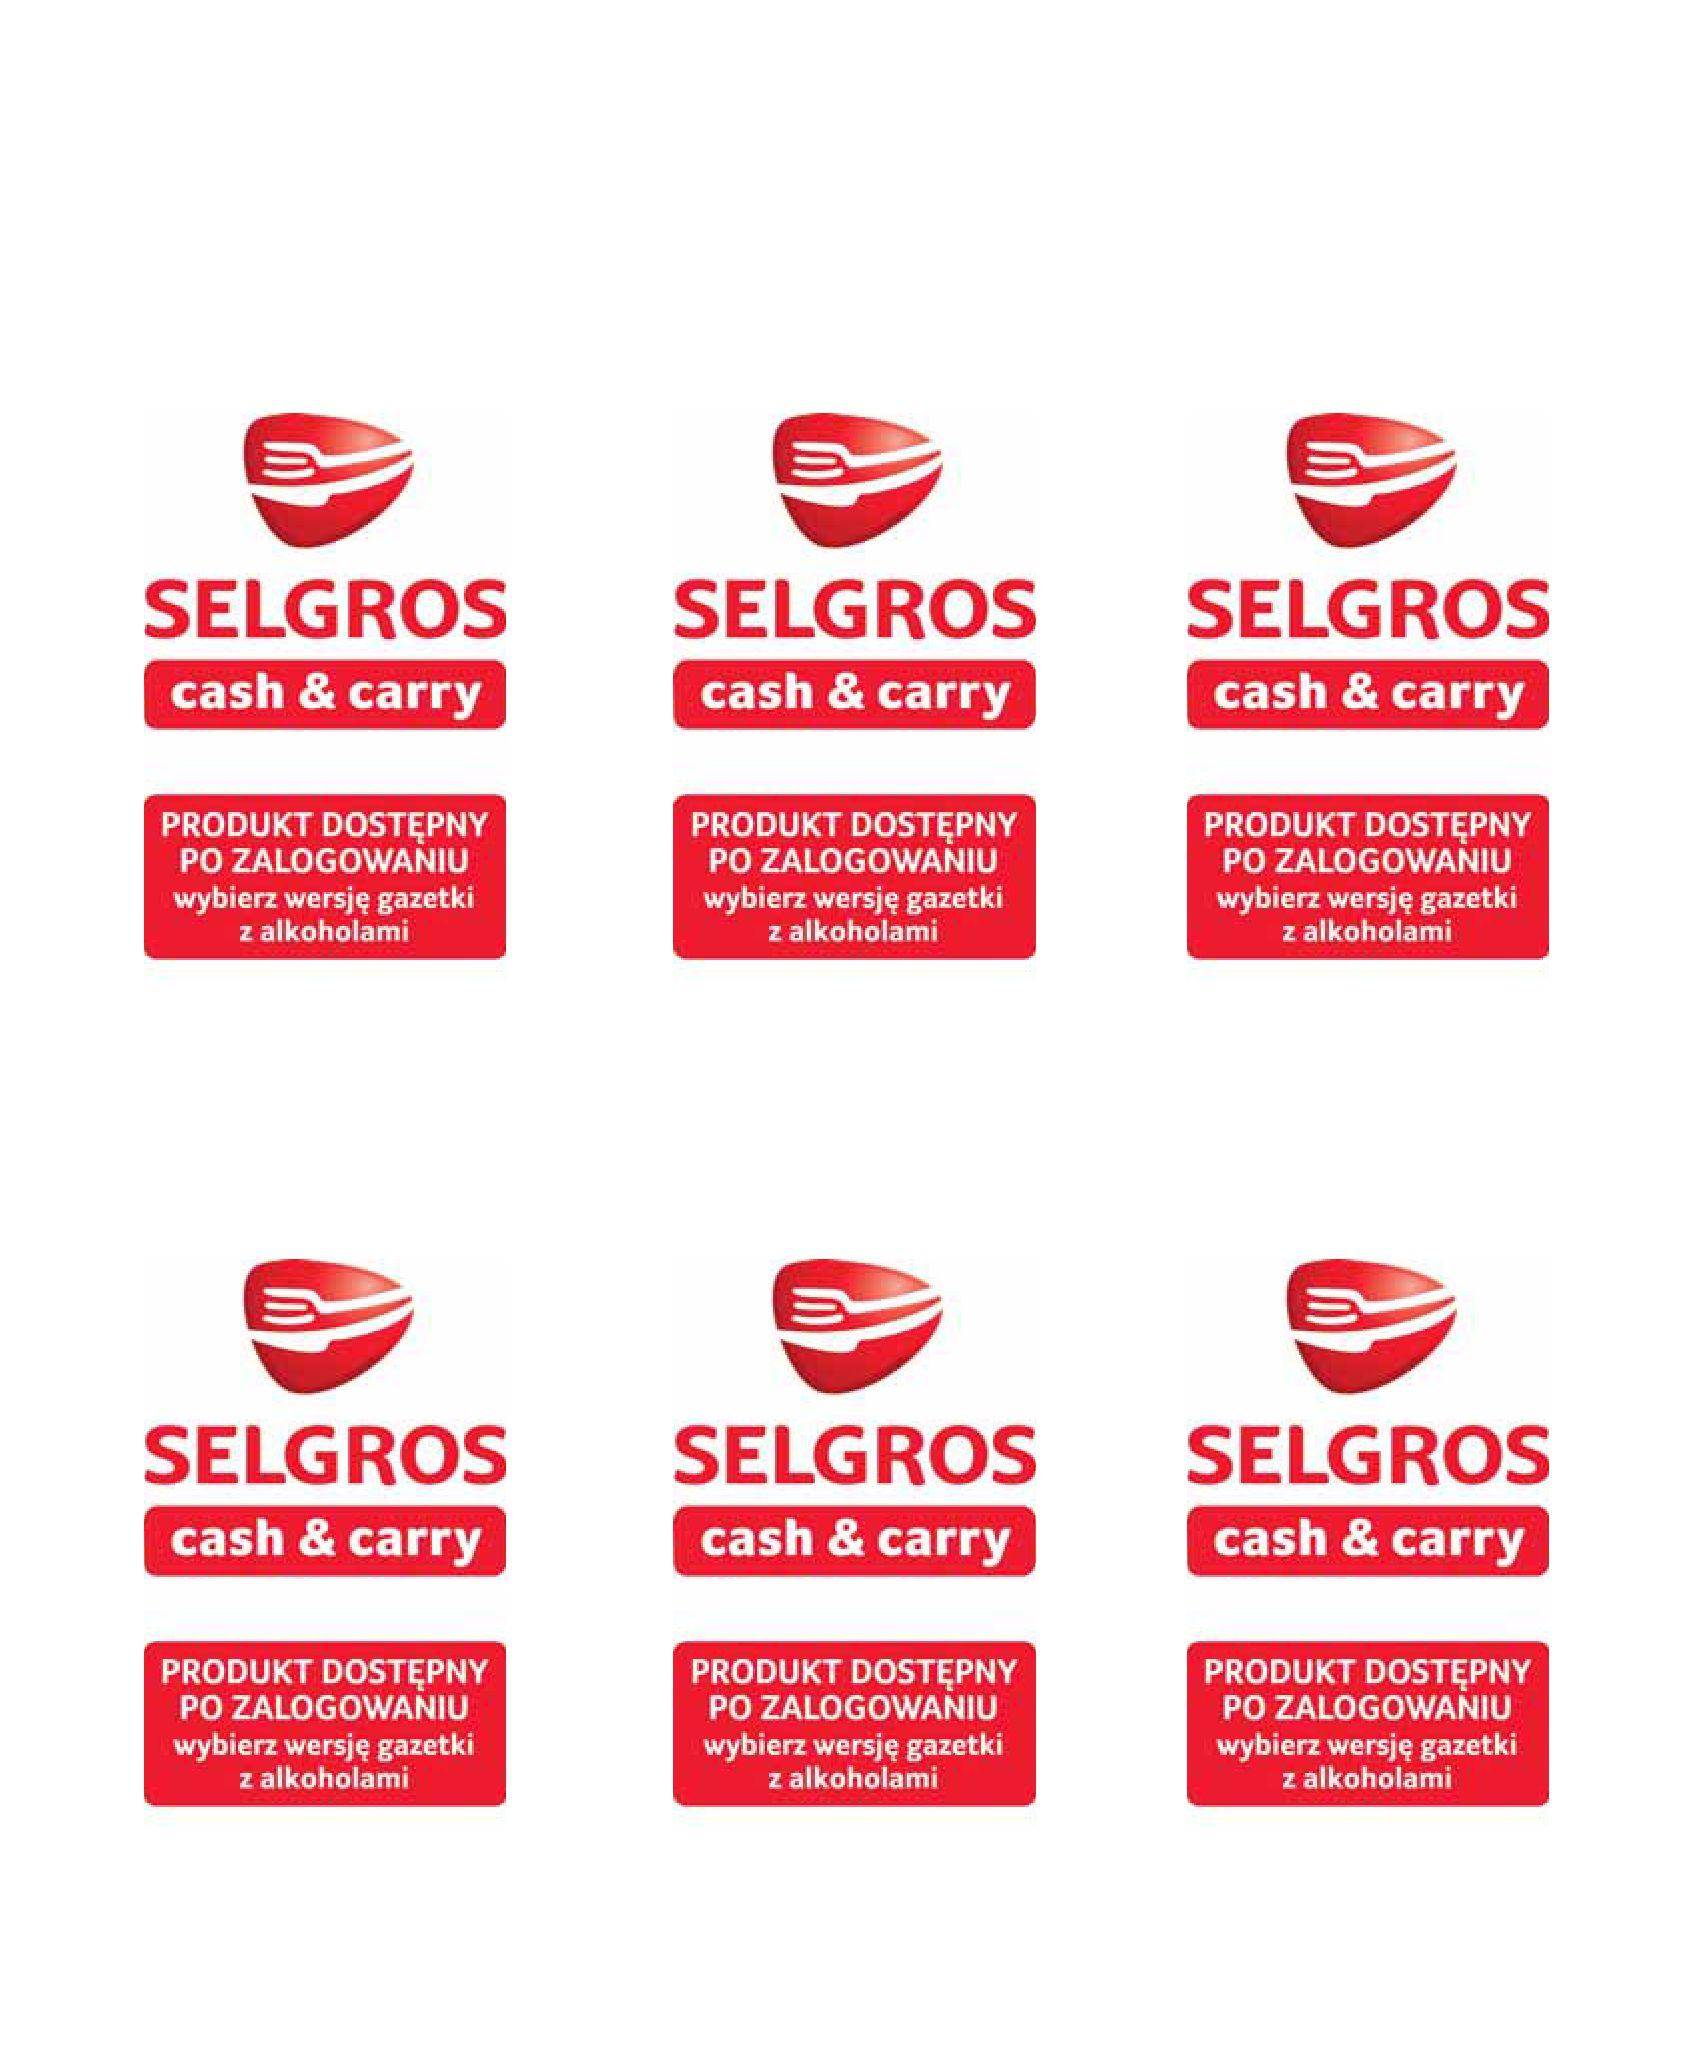 Gazetka Selgros - Oferta spożywcza-18.11.2020-02.12.2020-page-37